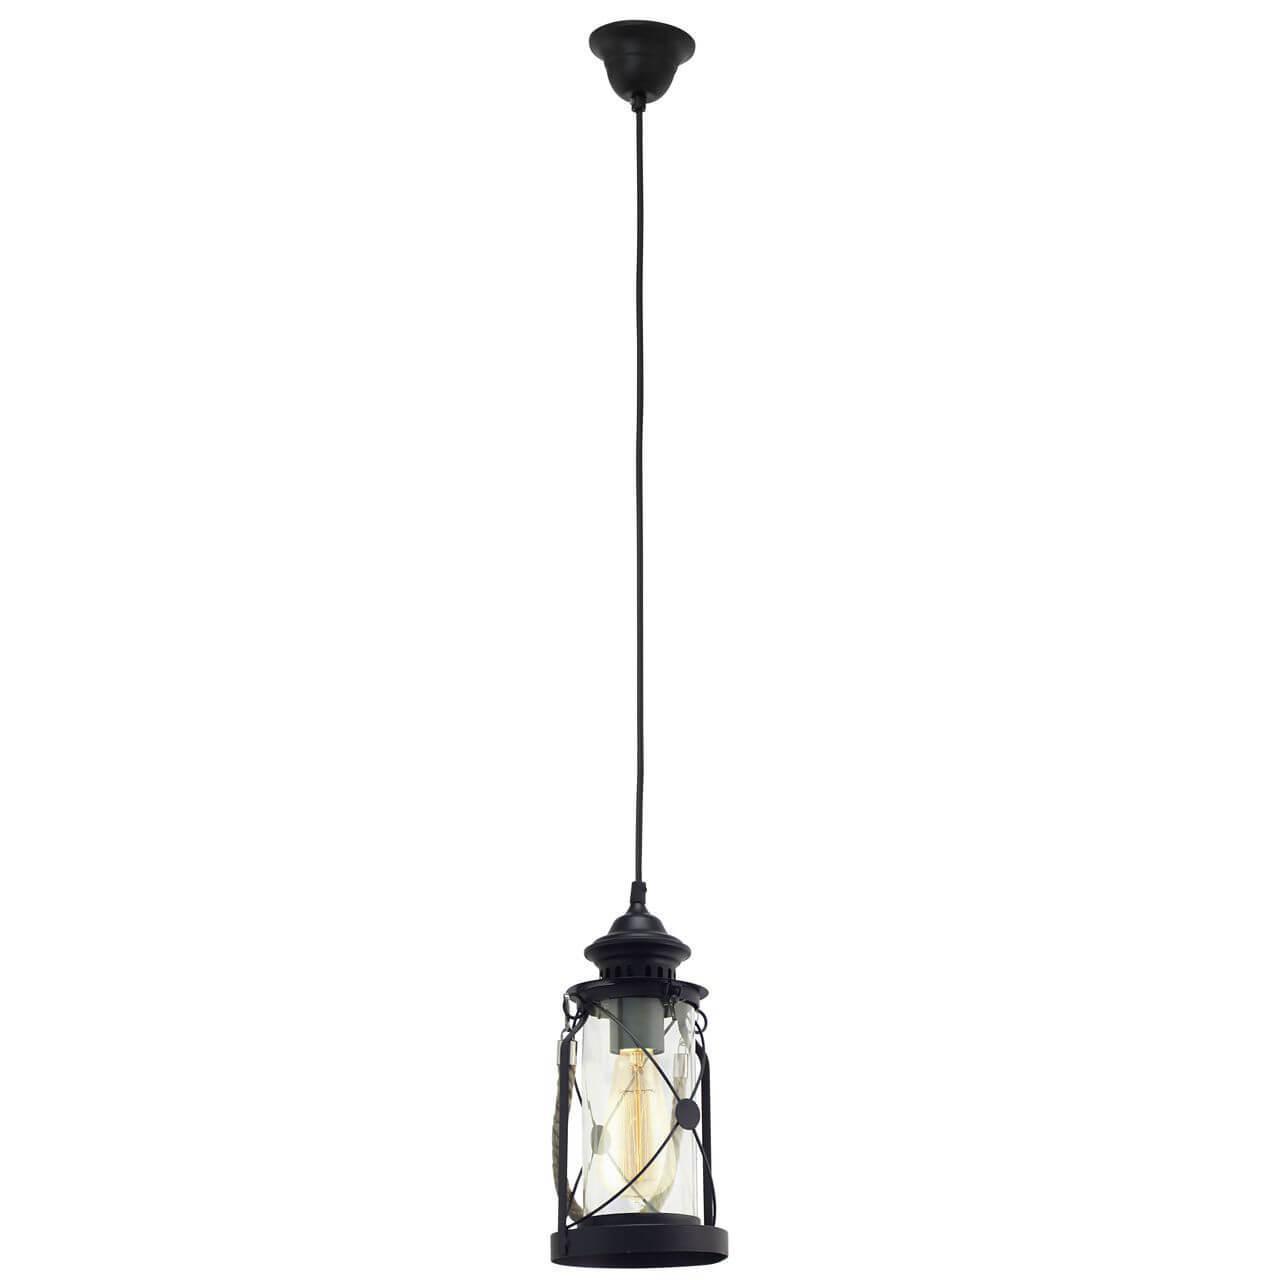 Подвесной светильник Eglo 49213, E27, 60 Вт